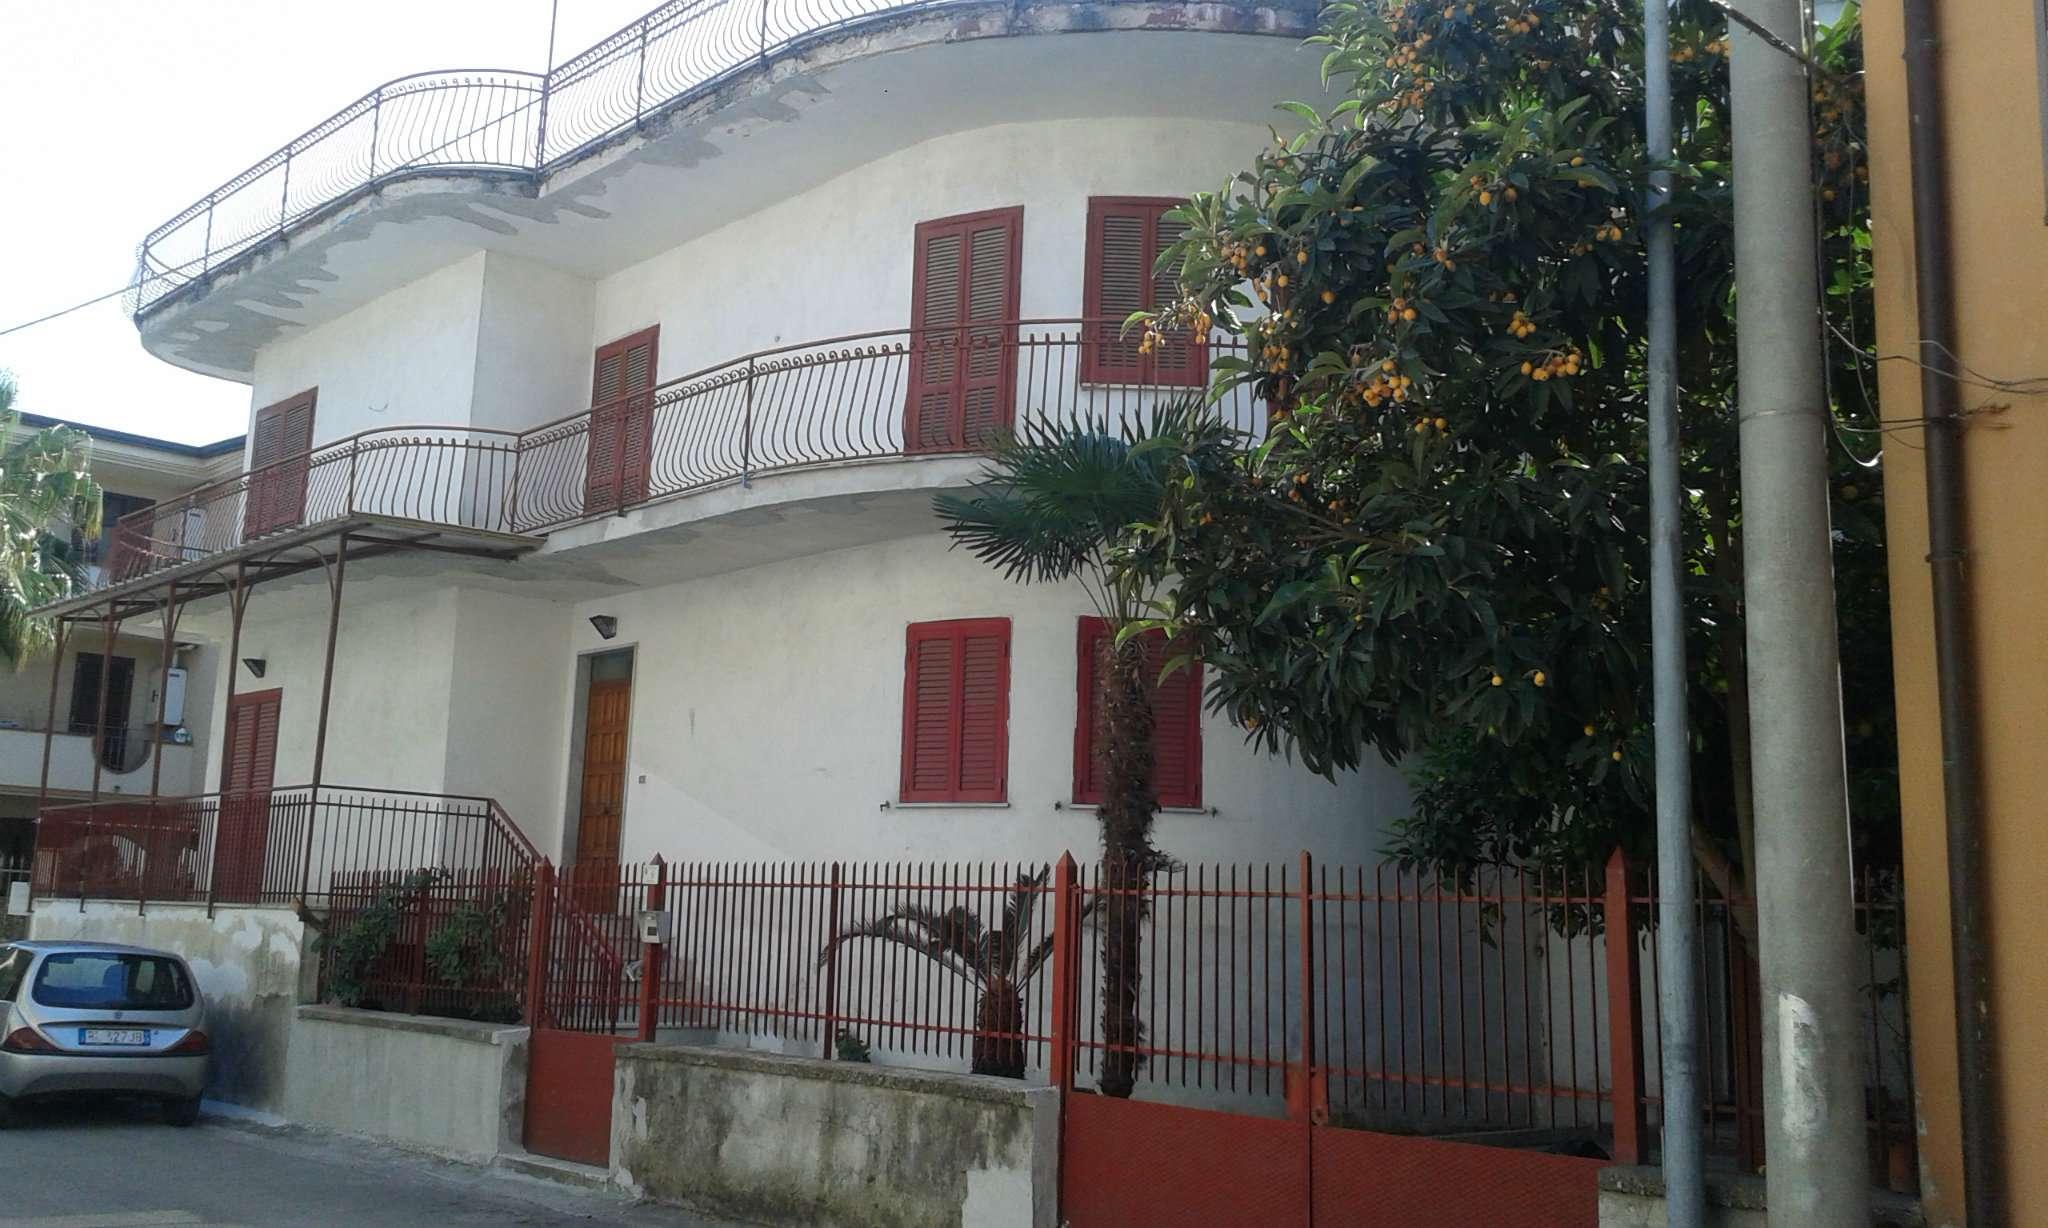 Soluzione Indipendente in vendita a Marcianise, 10 locali, prezzo € 290.000 | CambioCasa.it